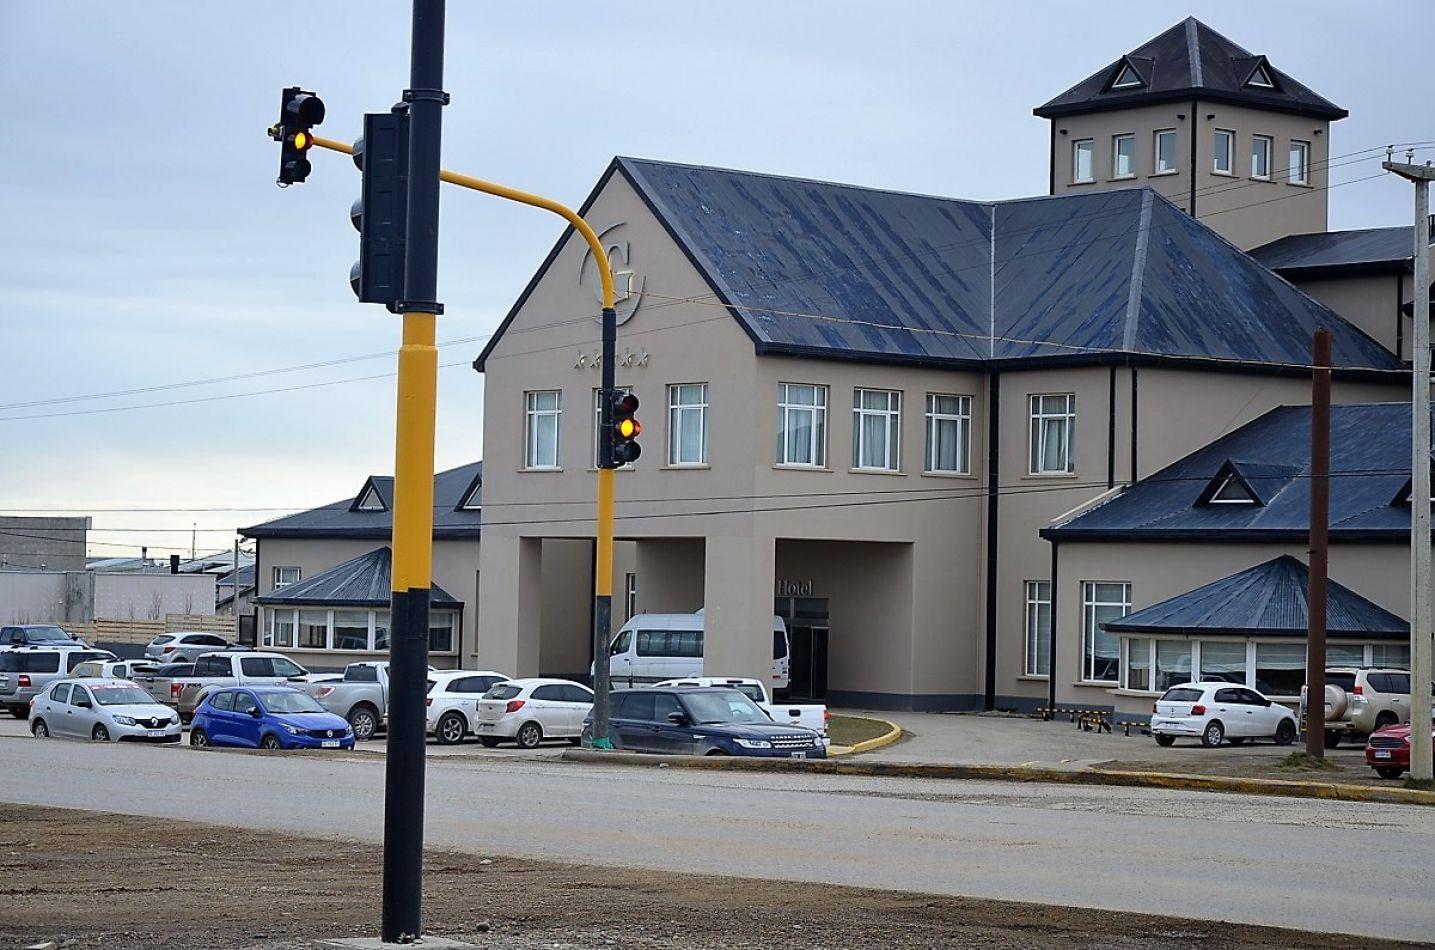 El semáforo que se encuentra frente al Grande Hotel, volvería a funcionar en breve.